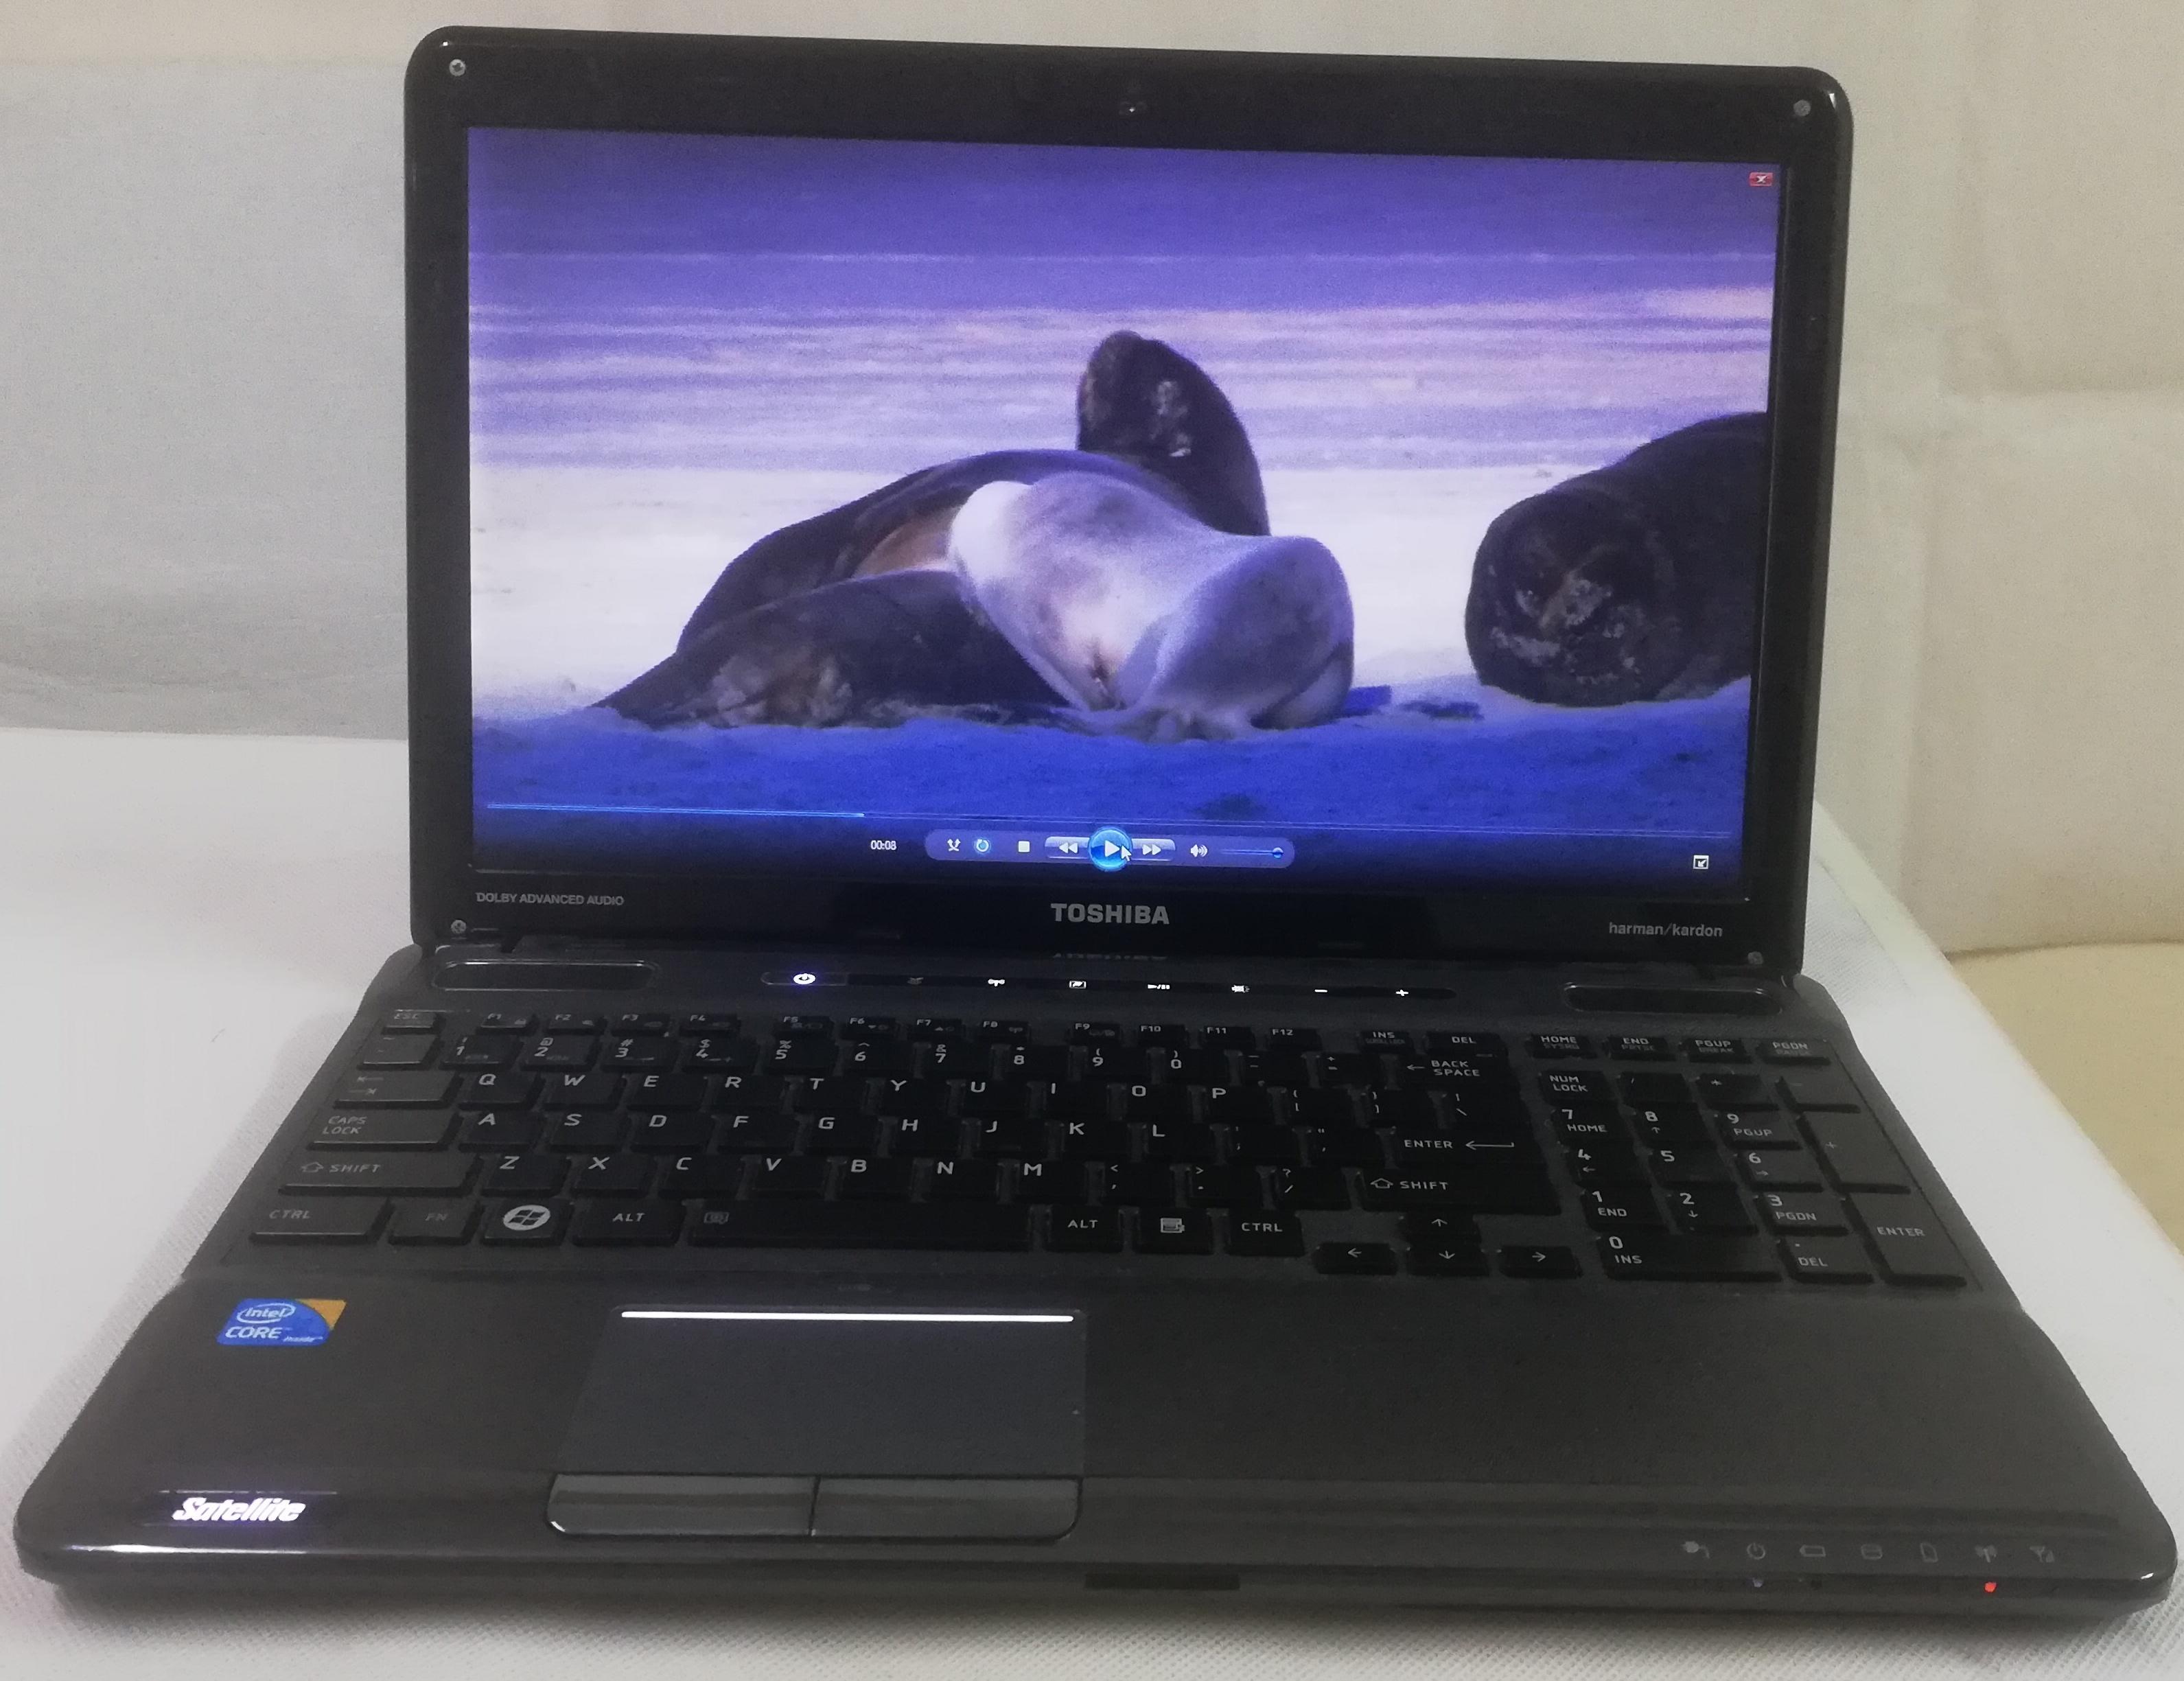 Toshiba satallite core I3 A665